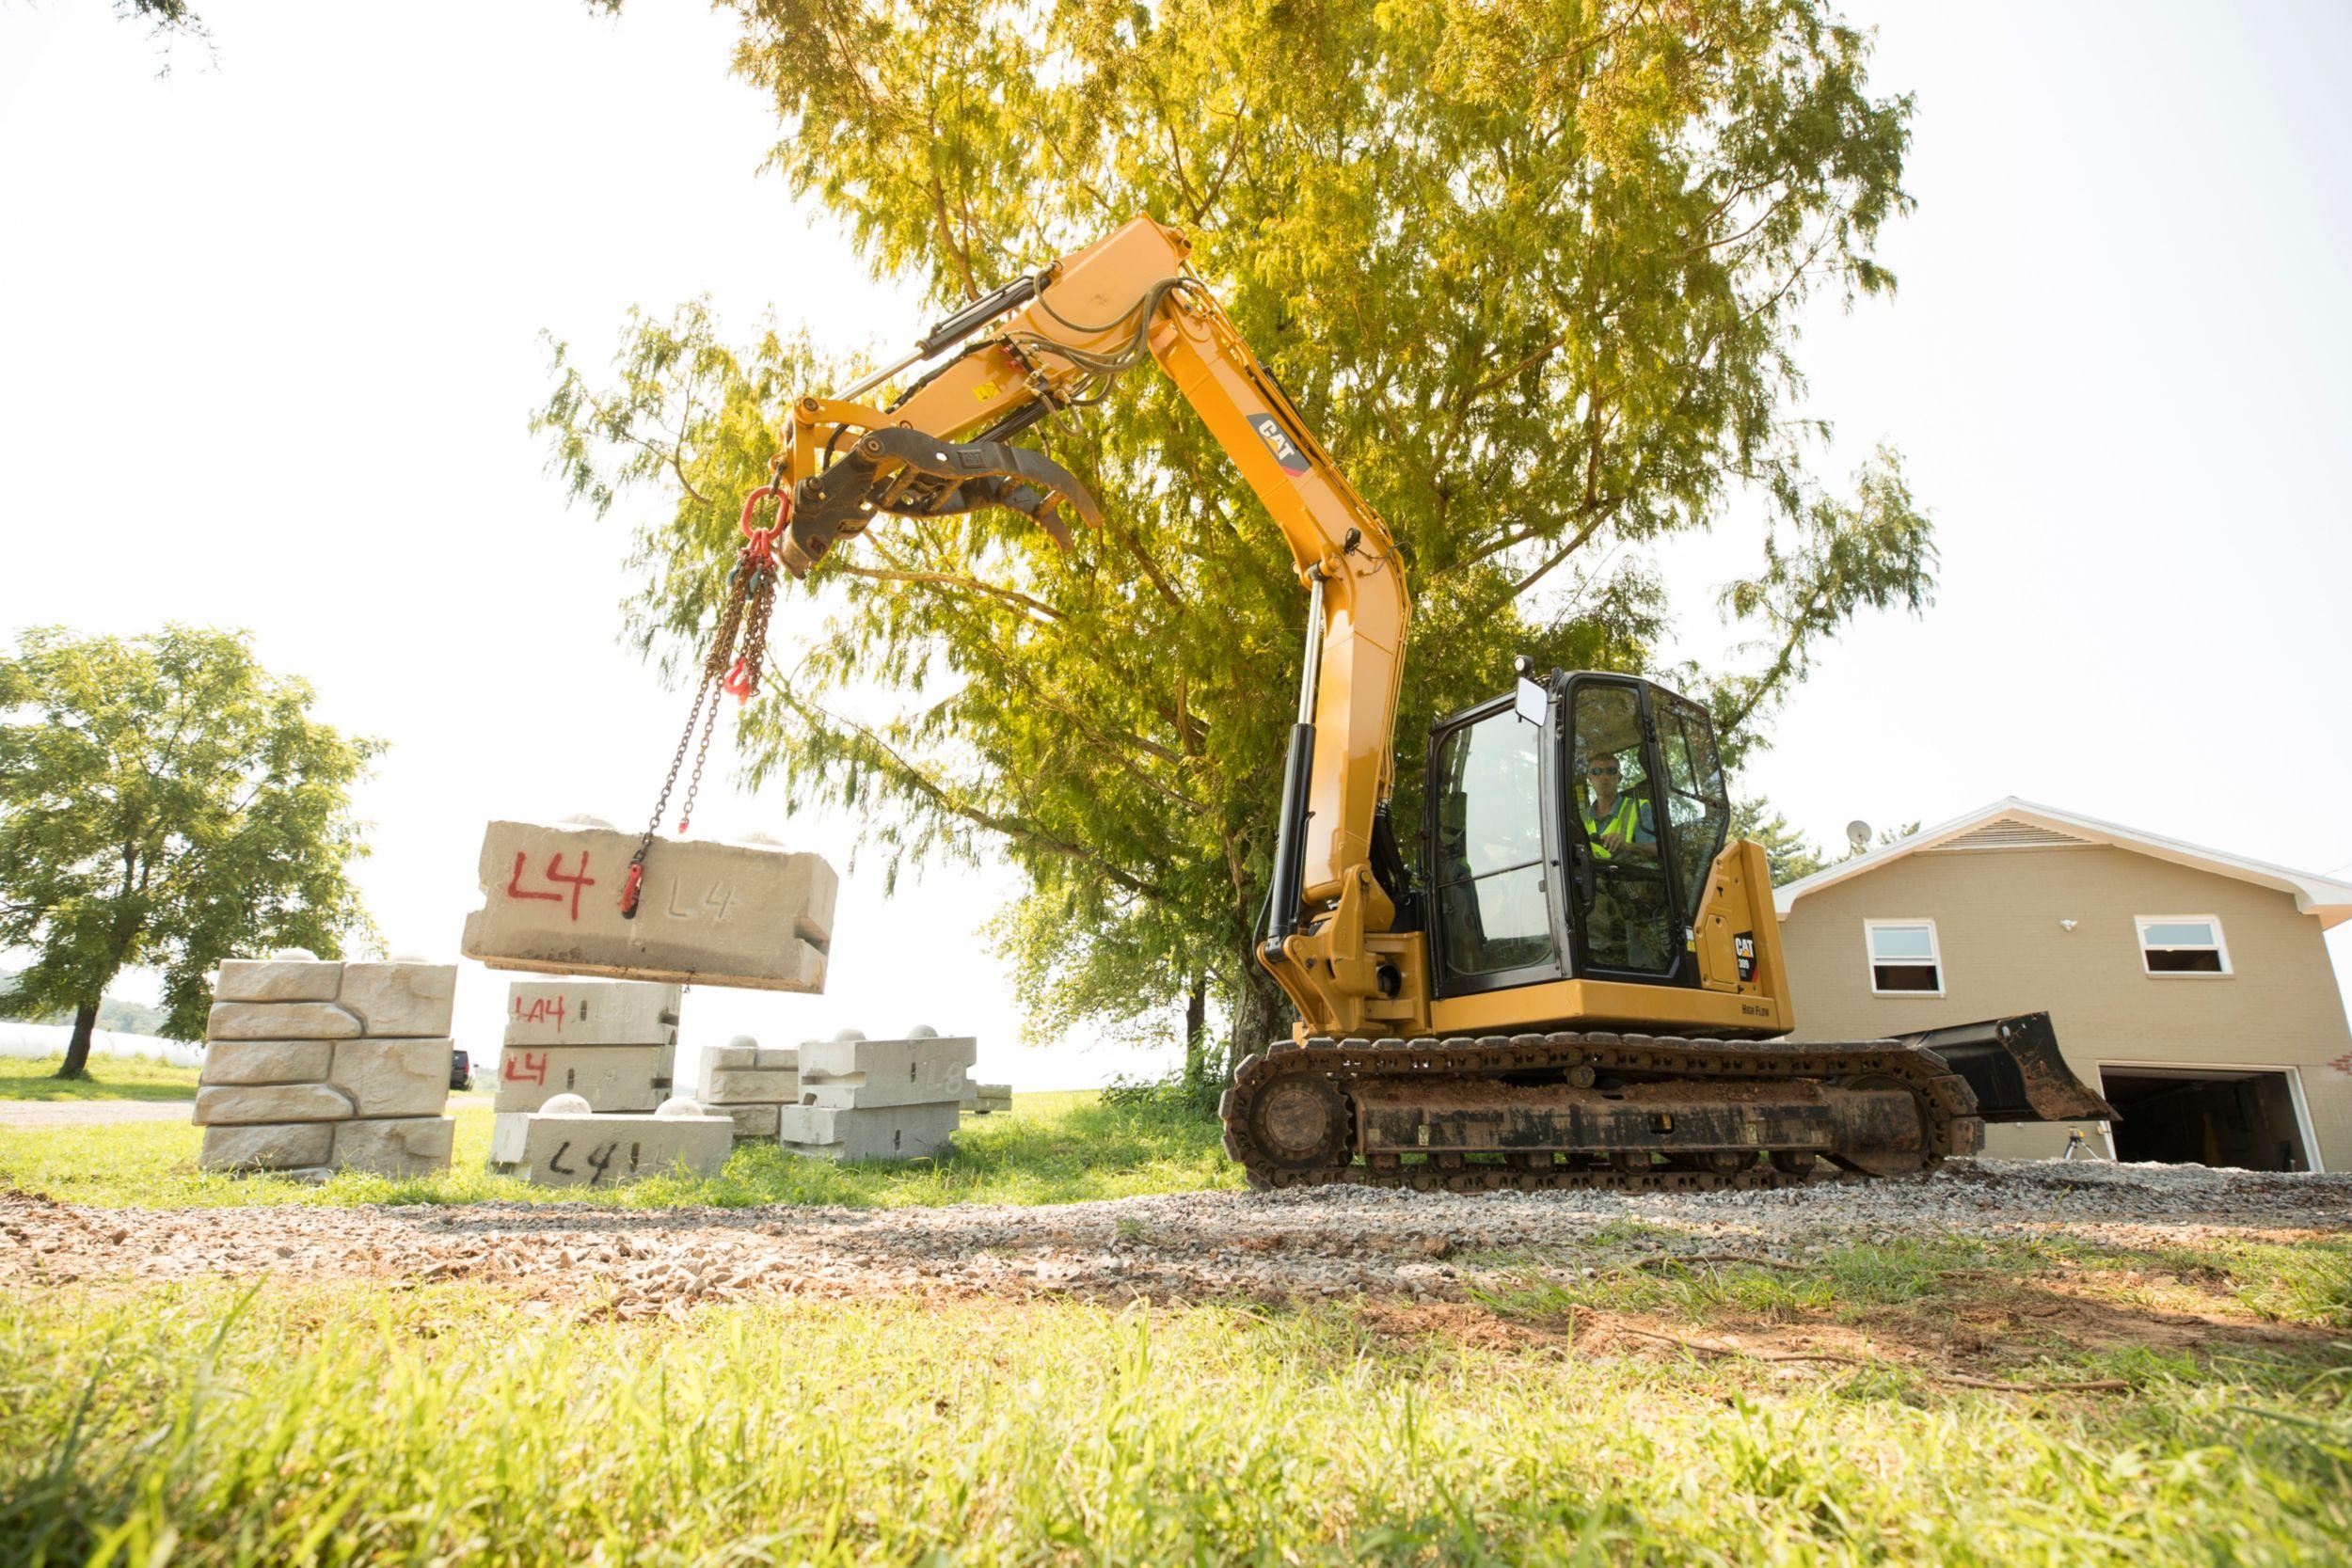 The Cat Next Generation 309 CR mini excavator